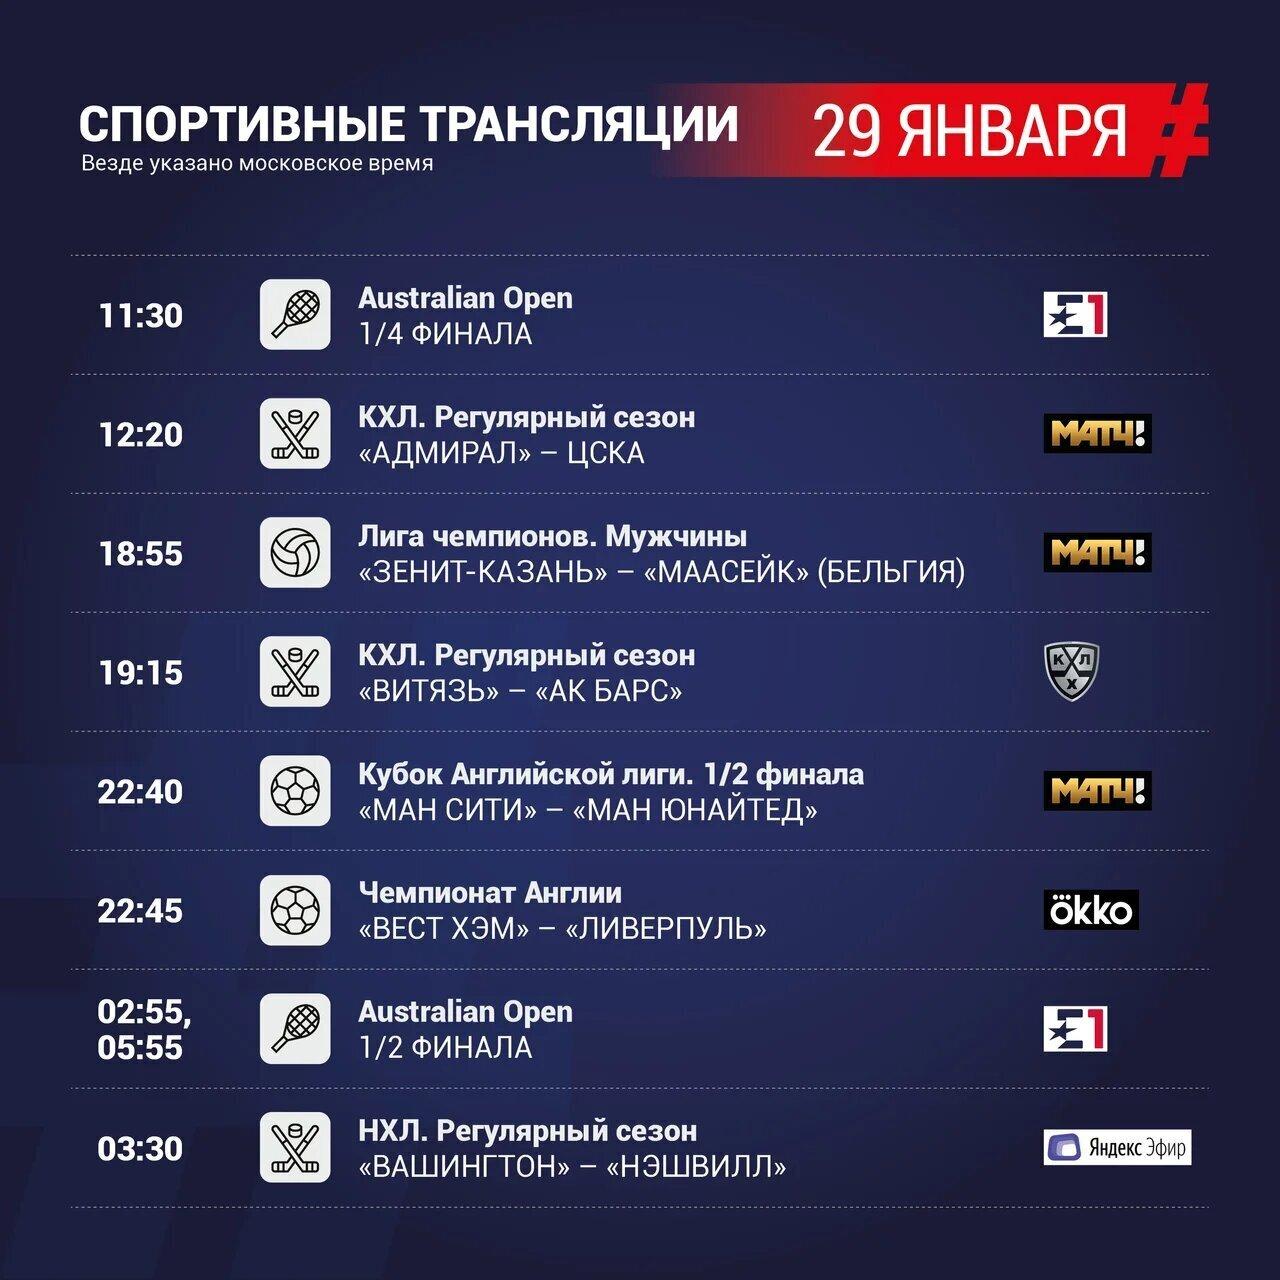 Спортивная телепрограмма Матч ТВ на 29 января